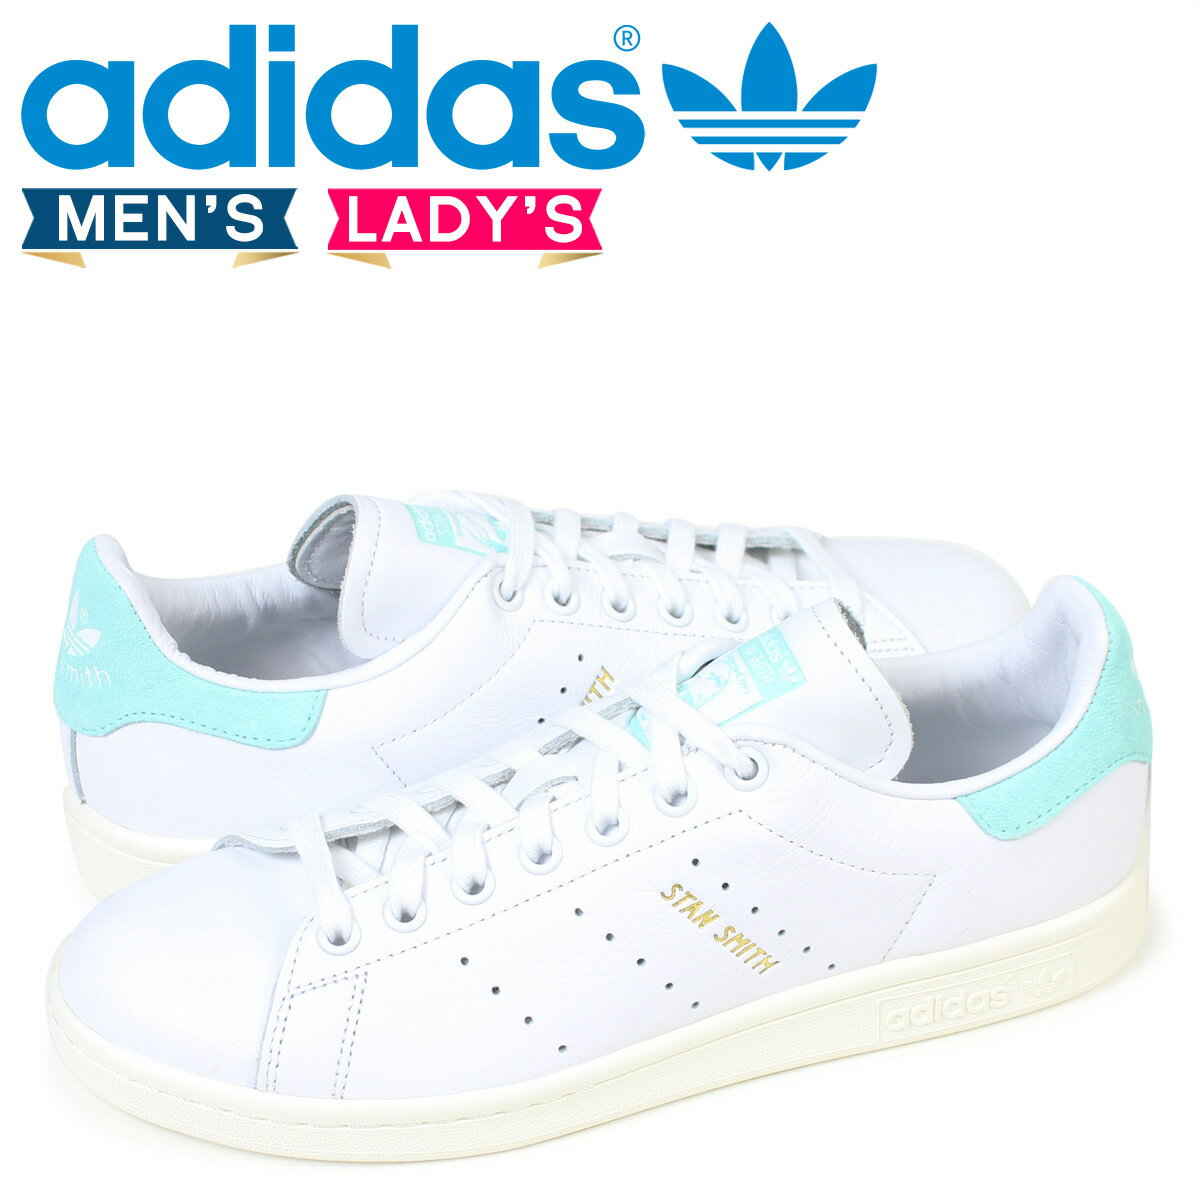 アディダス スタンスミス adidas originals スニーカー STAN SMITH メンズ レディース BZ0461 靴 ホワイト